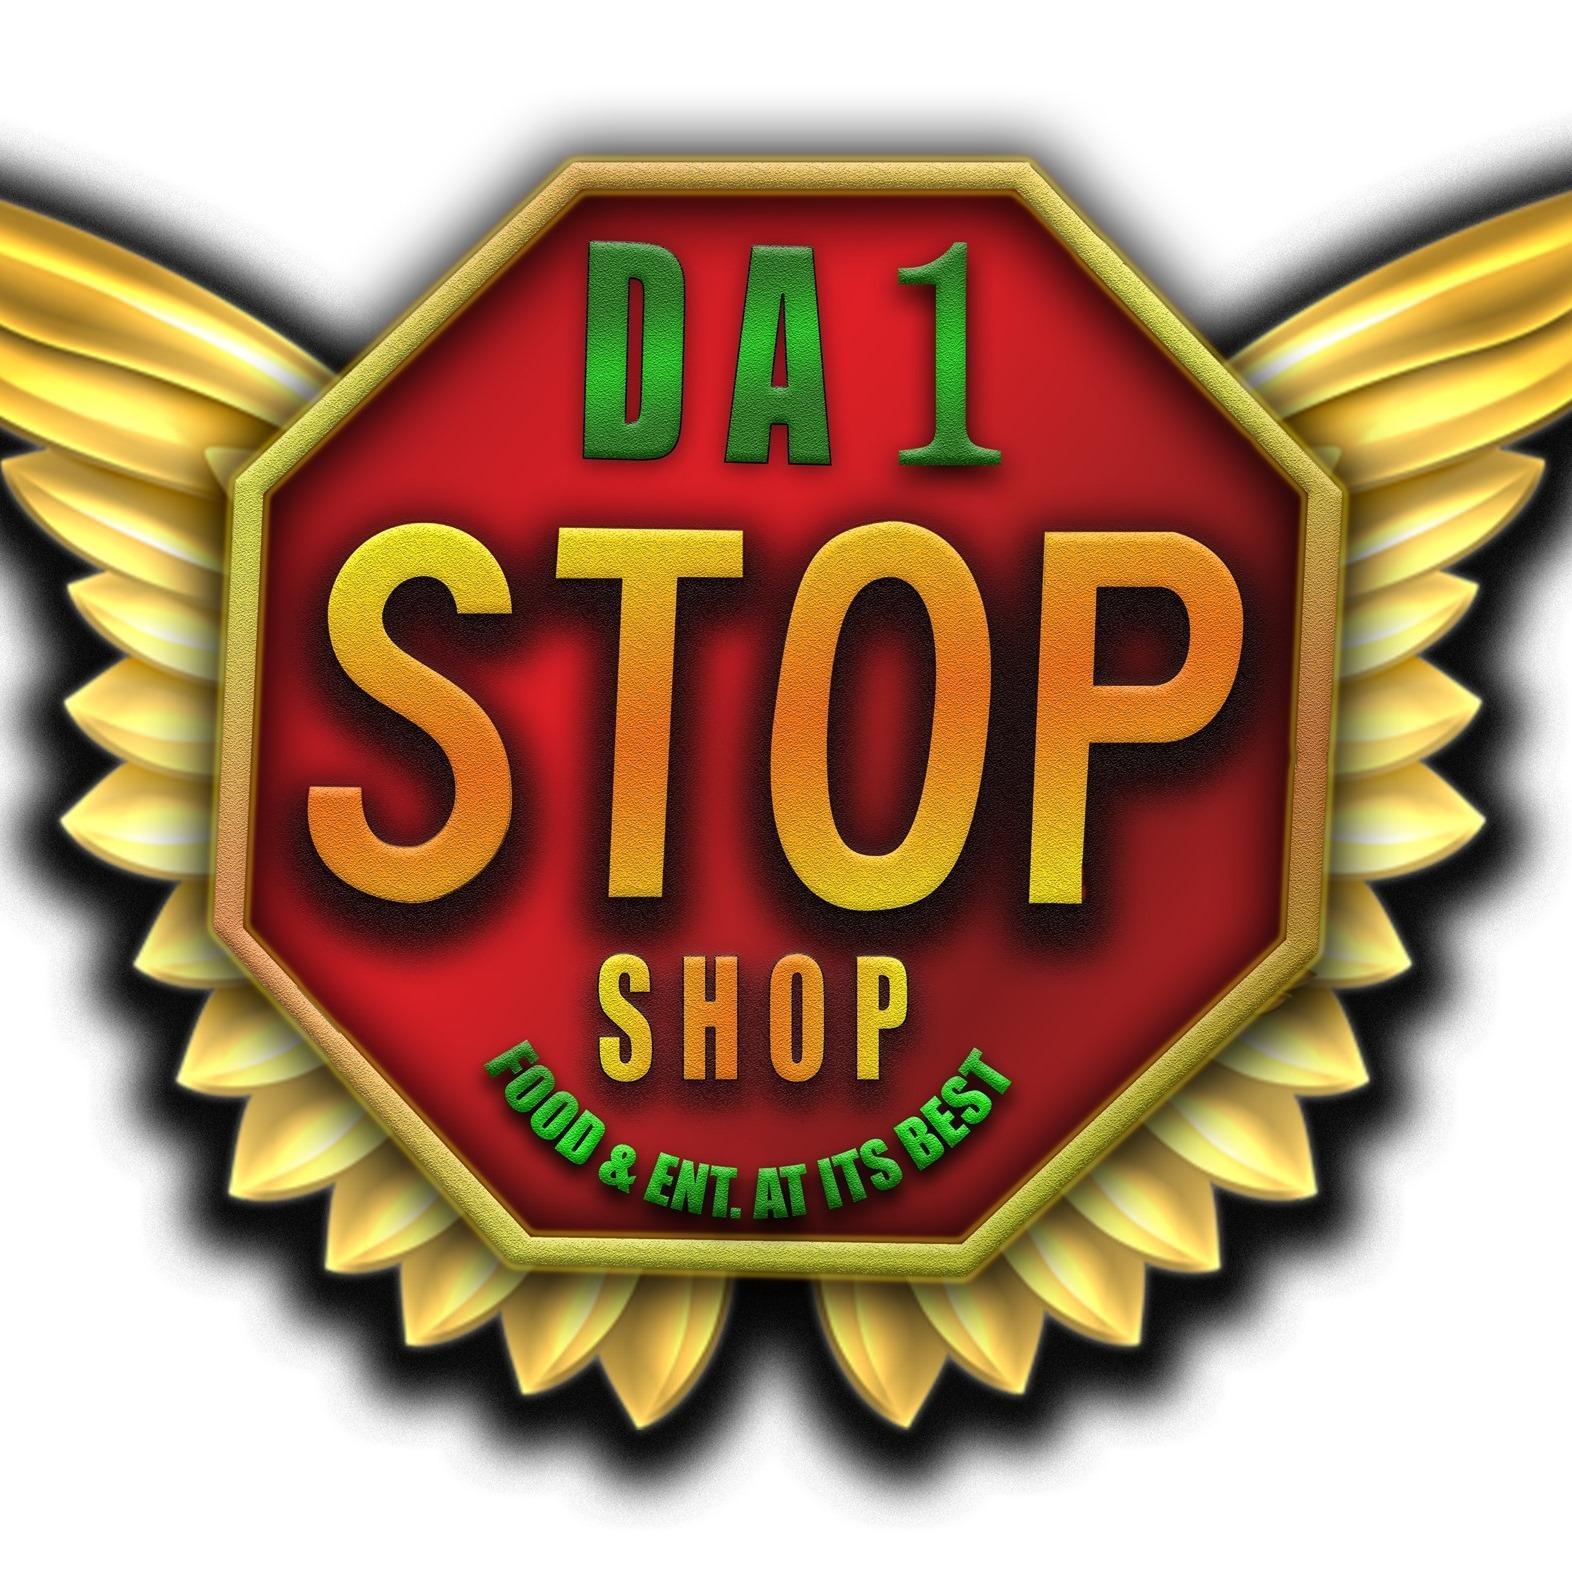 Da 1 Stop Shop logo